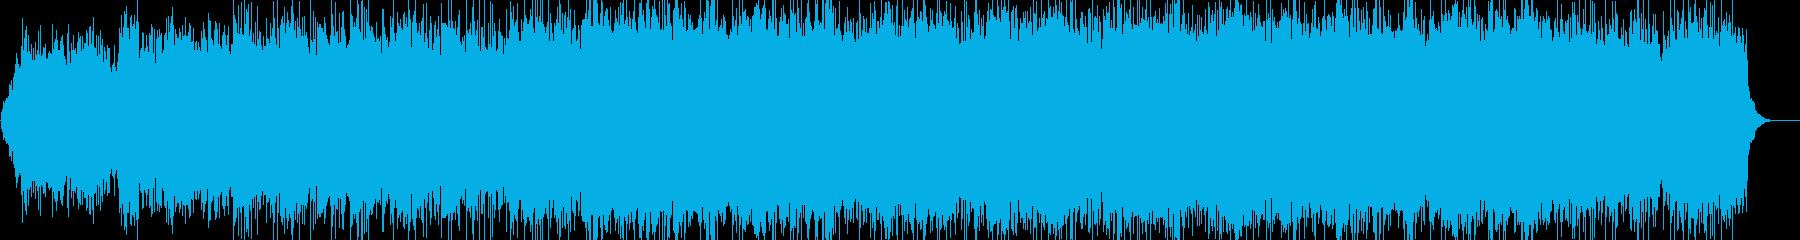 幻想的 浮遊感 ピアノ アンビエントの再生済みの波形